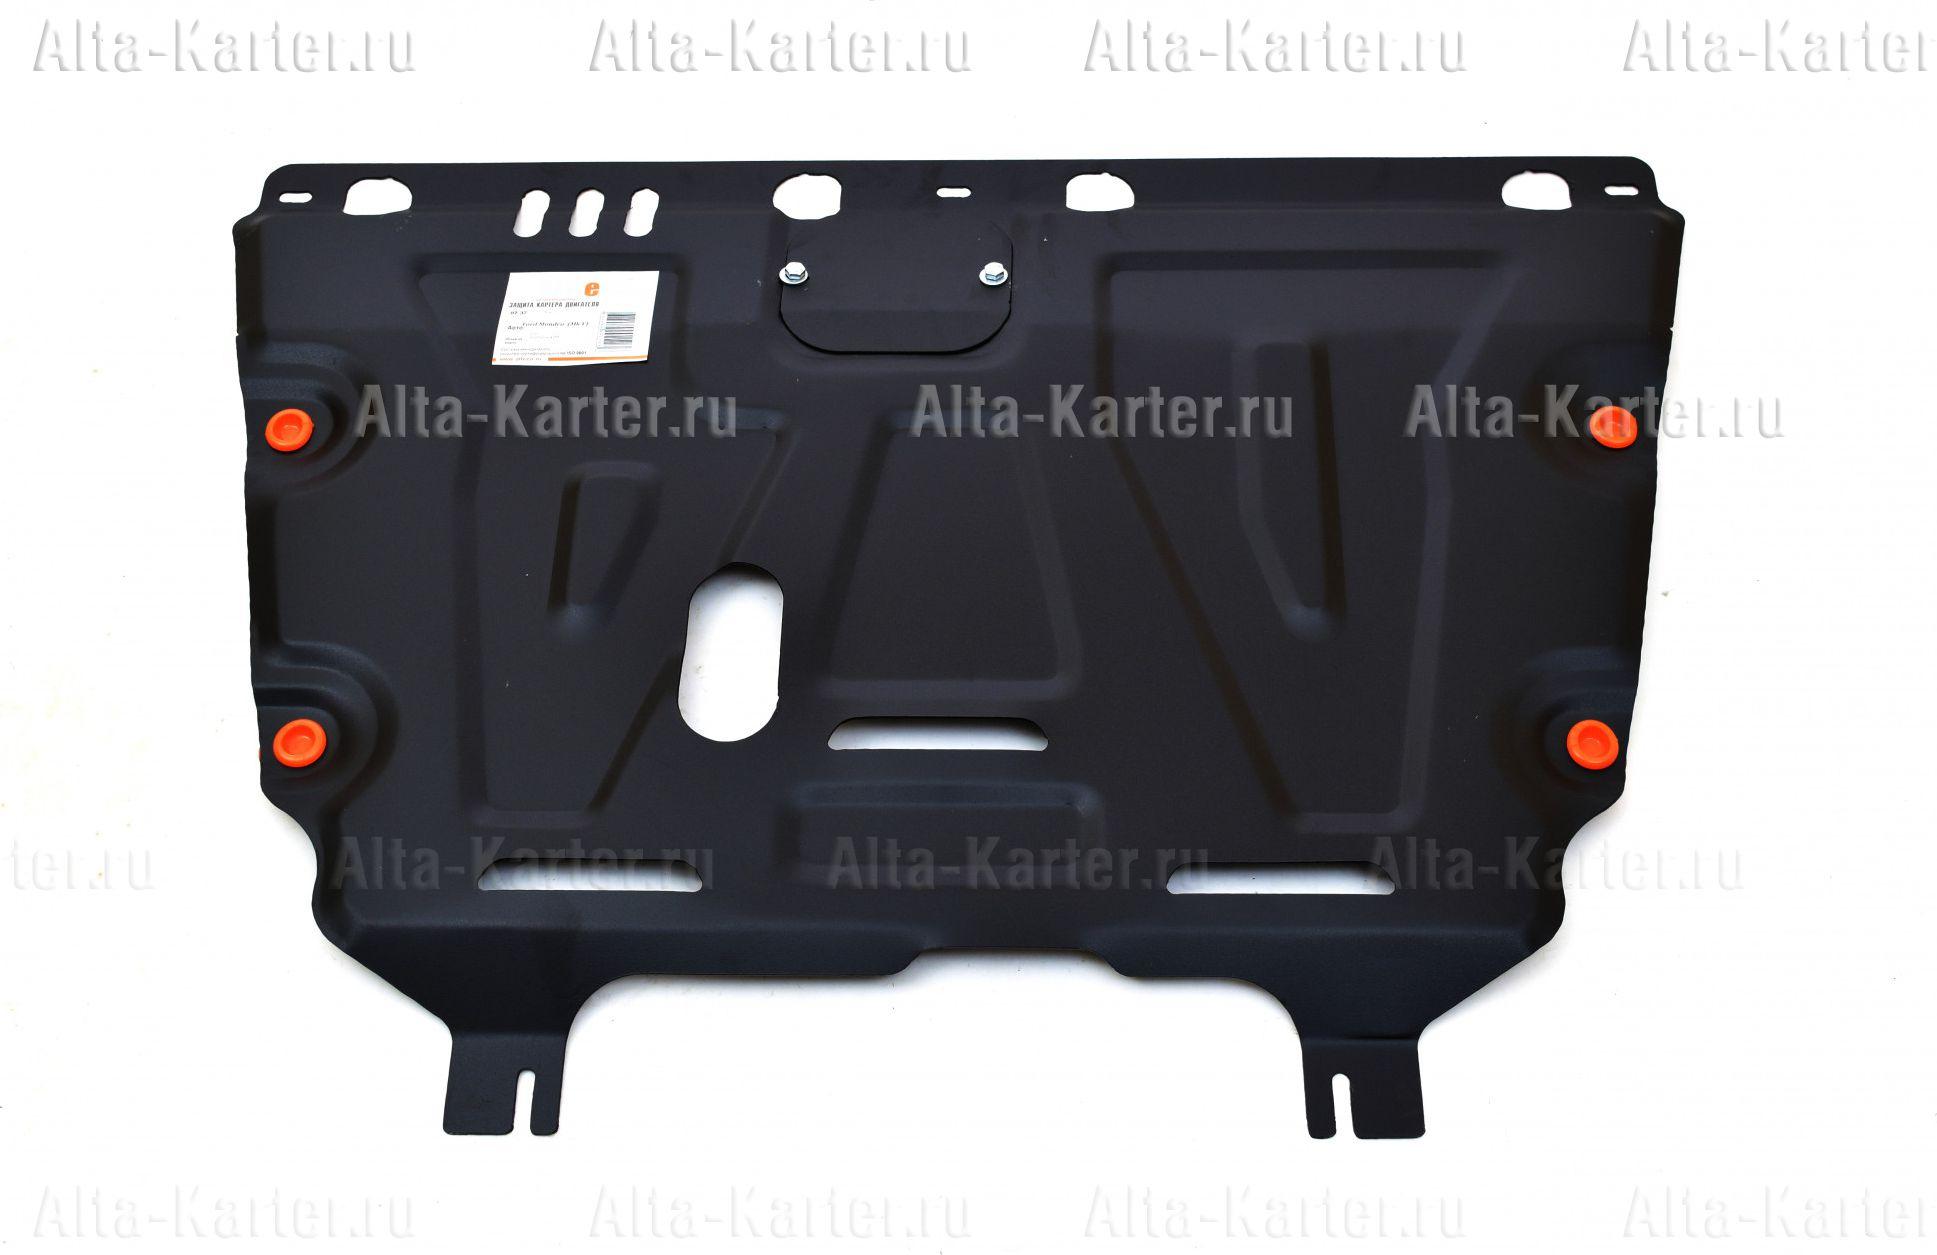 Защита Alfeco для картера и КПП Ford Mondeo V 2014-2021. Артикул ALF.07.37